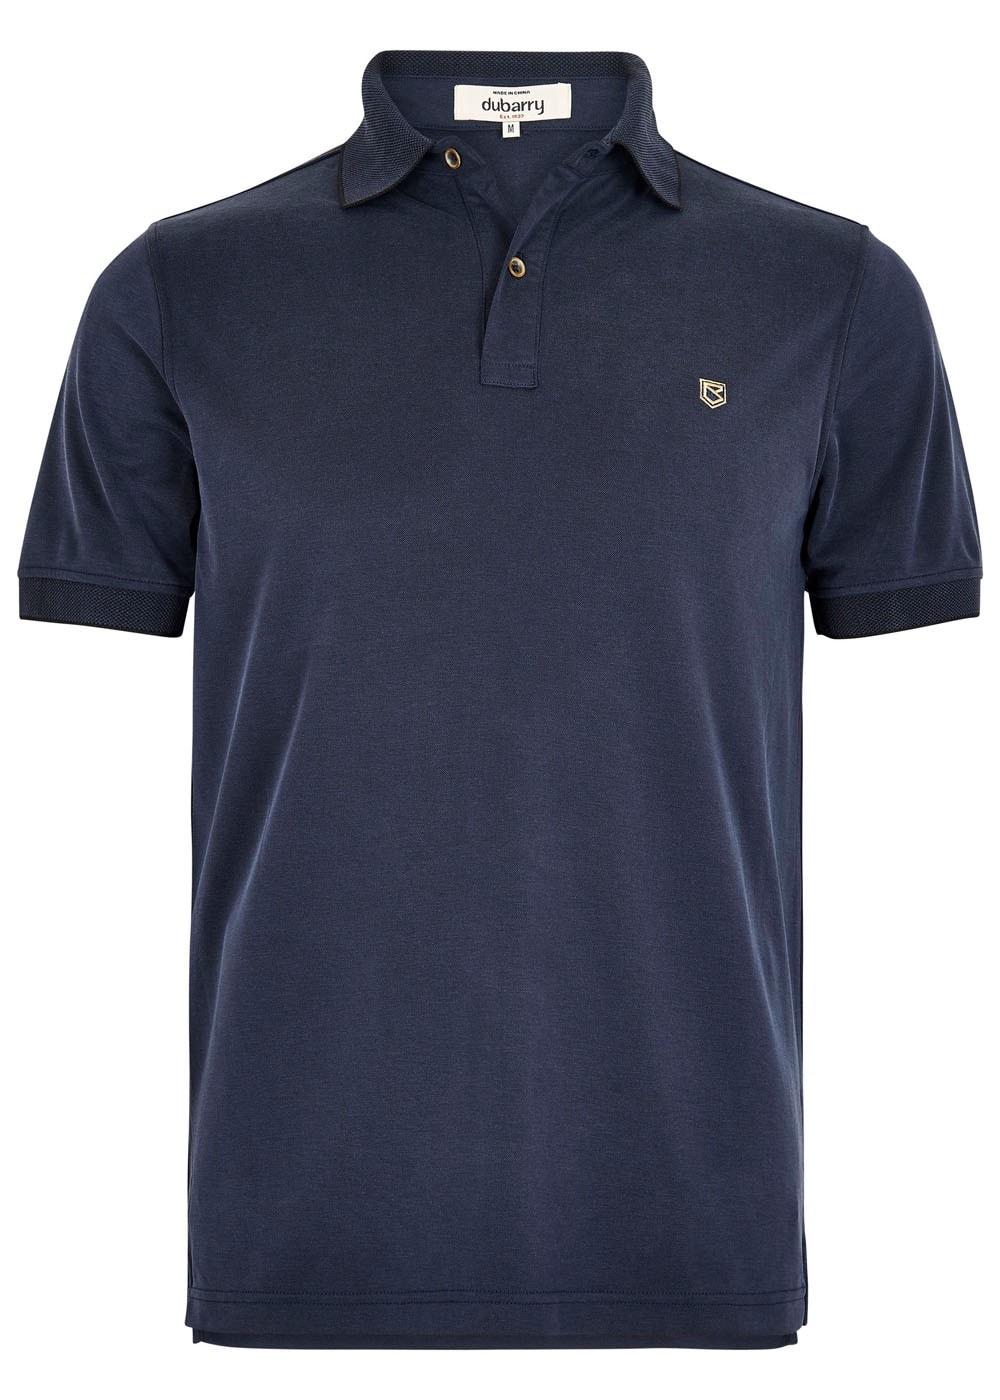 dubarry-rockrook-polo-shirt-navy